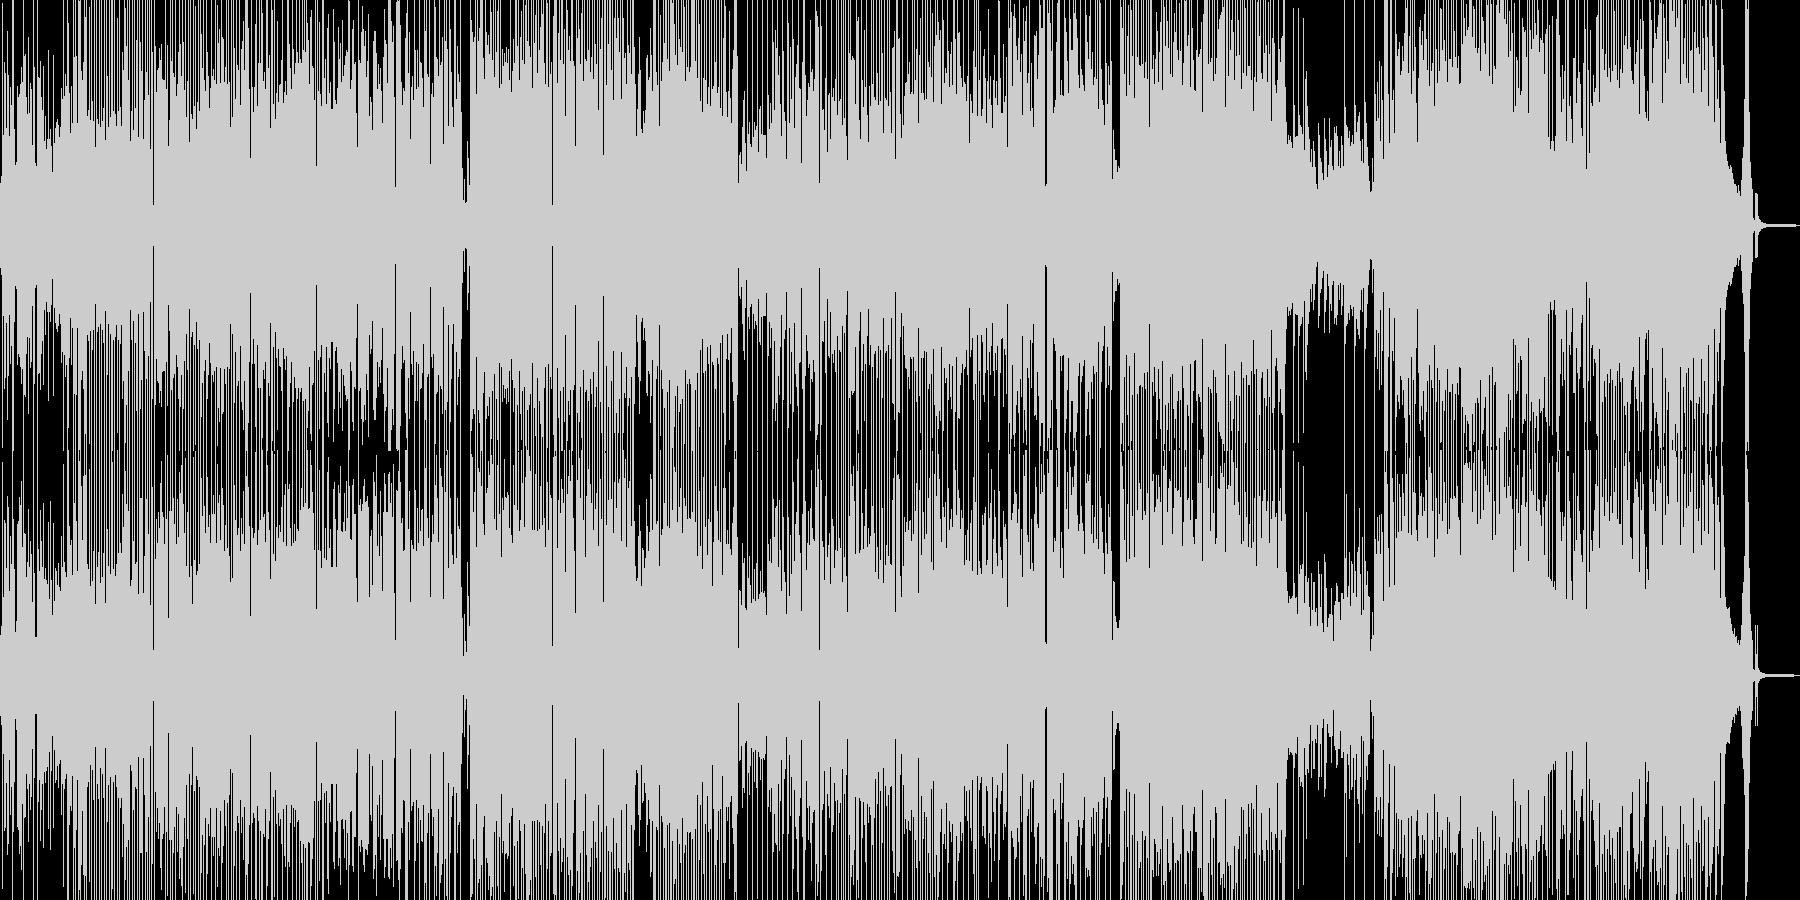 気分が晴れ晴れするハッピーなジャズ Aの未再生の波形